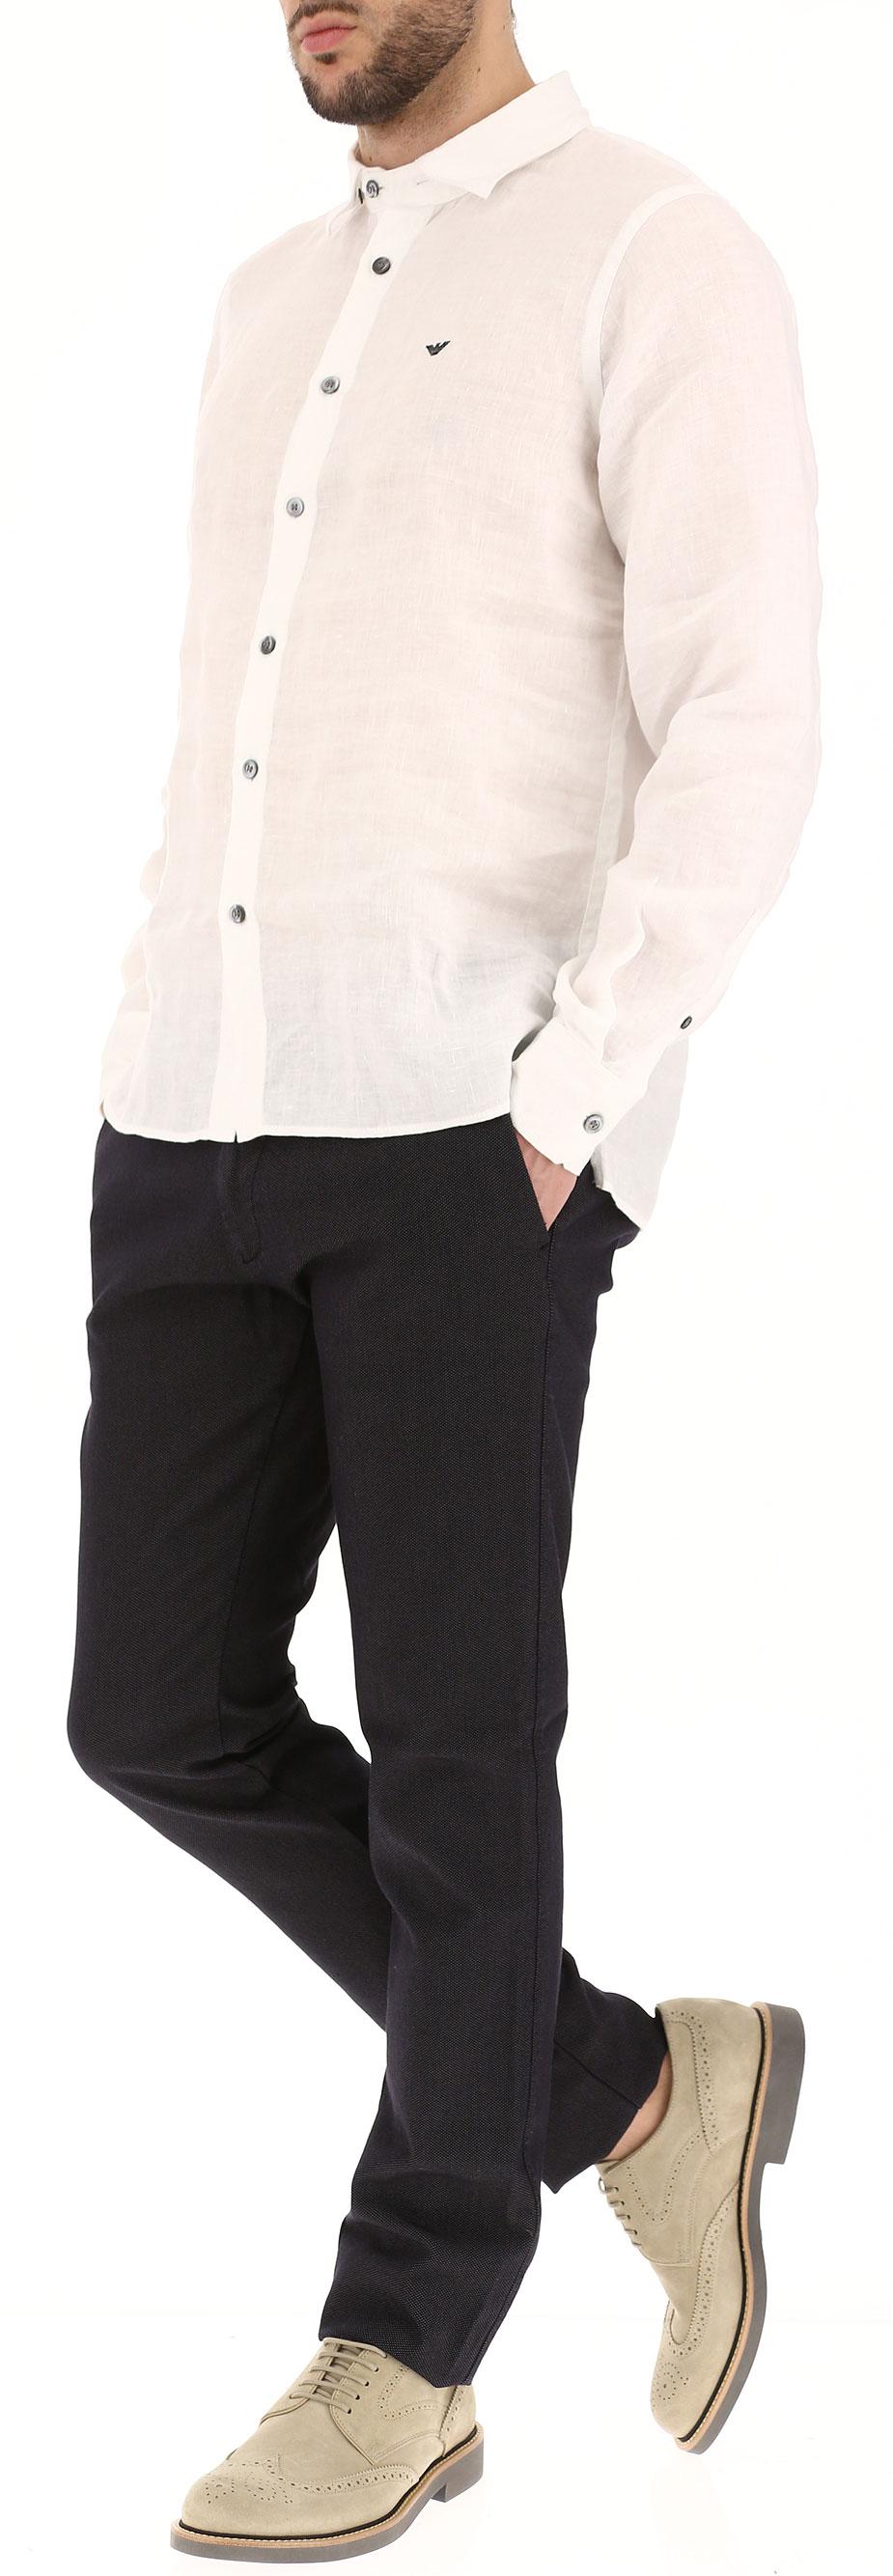 Abbigliamento Uomo Emporio Armani, Codice Articolo: 3z1cm3-1nfdz-0100